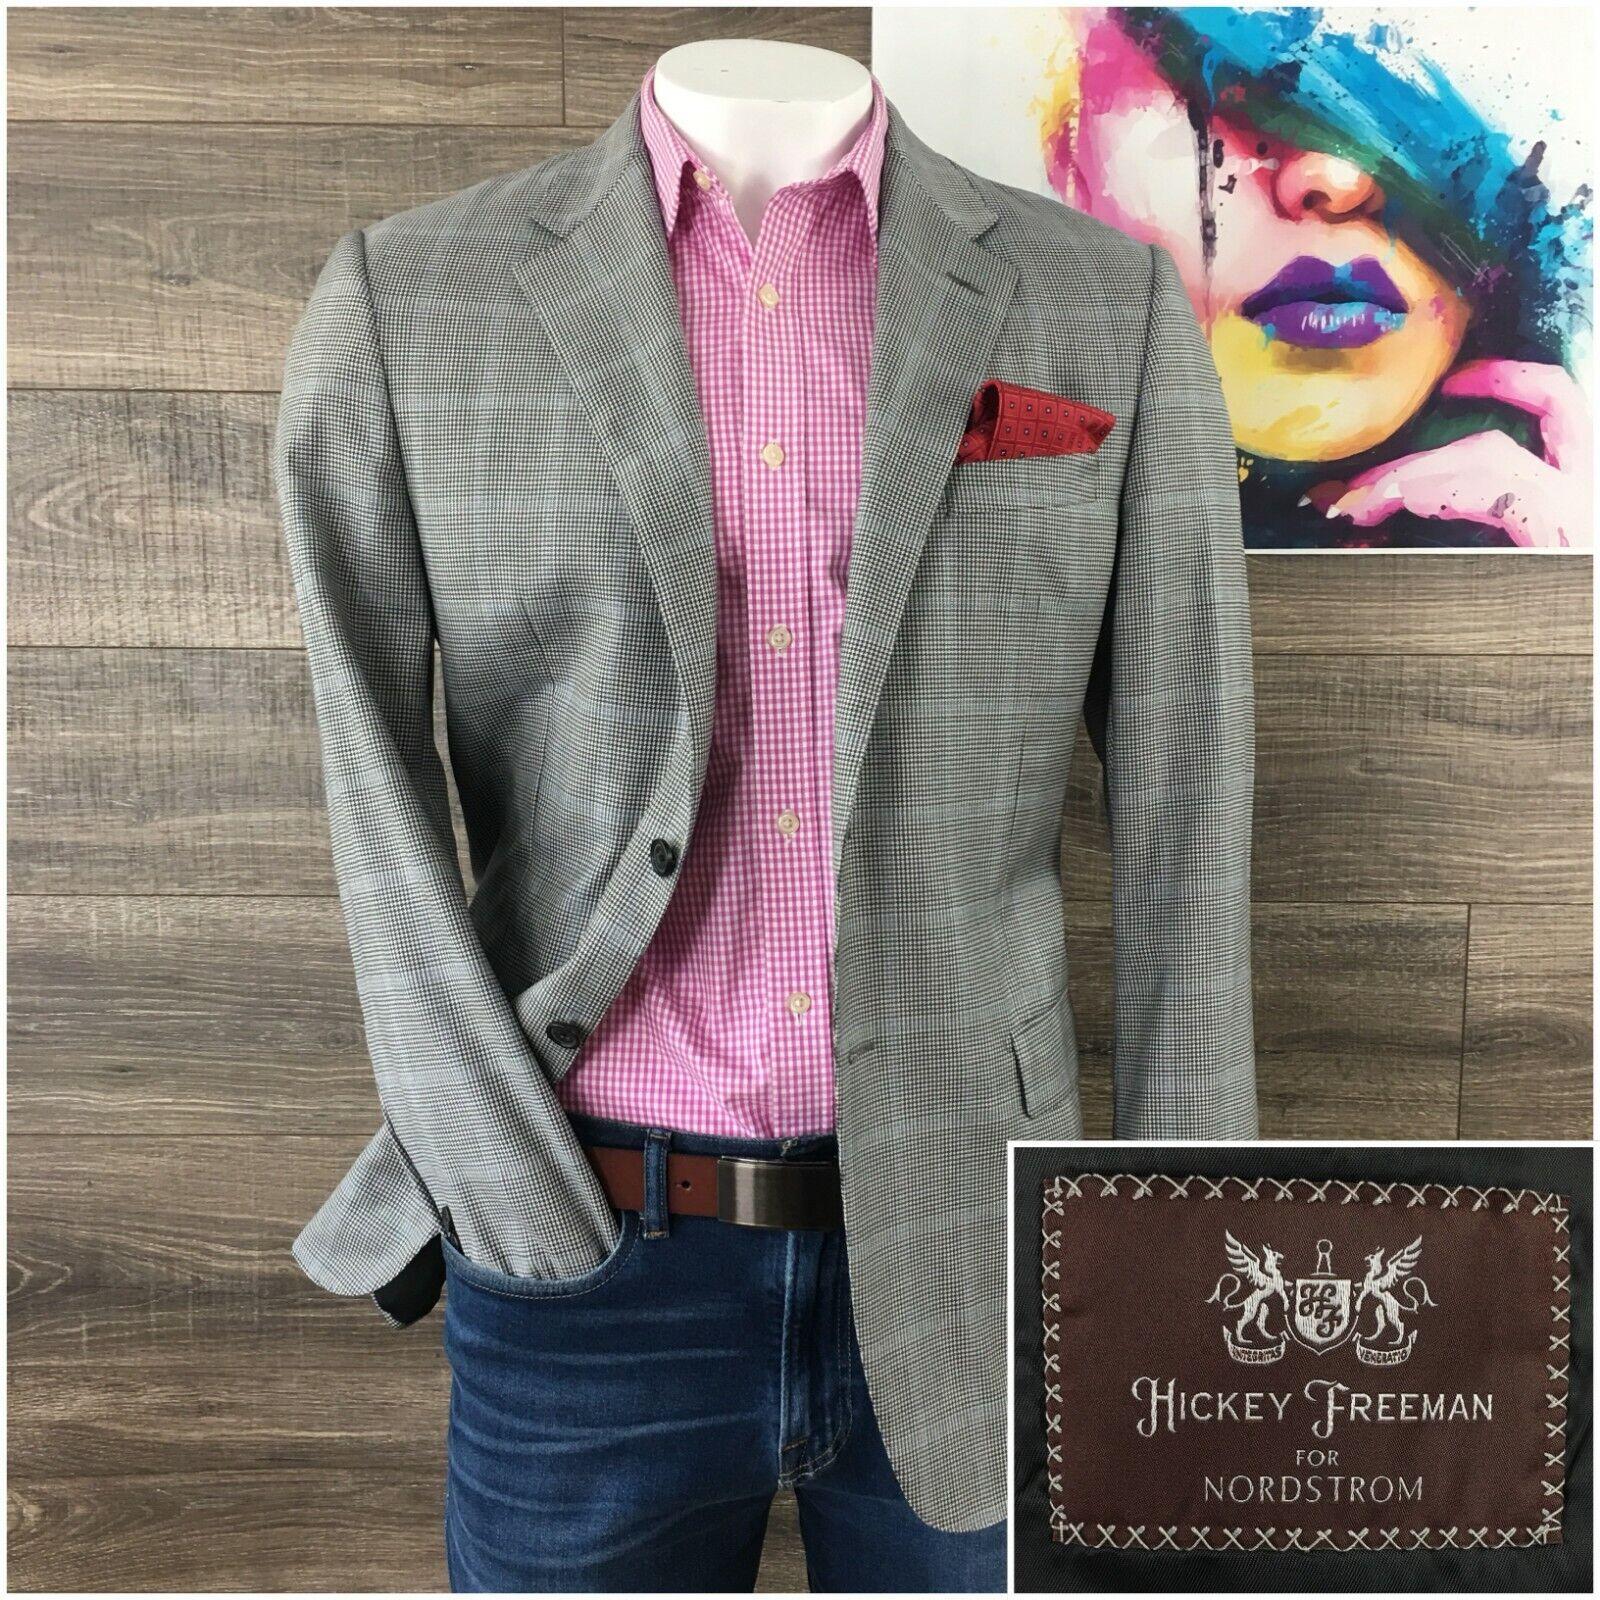 Hickey kostenlosman Addison herren Größe 42R Worsted wolleSport Coat jacke Blazer Suit